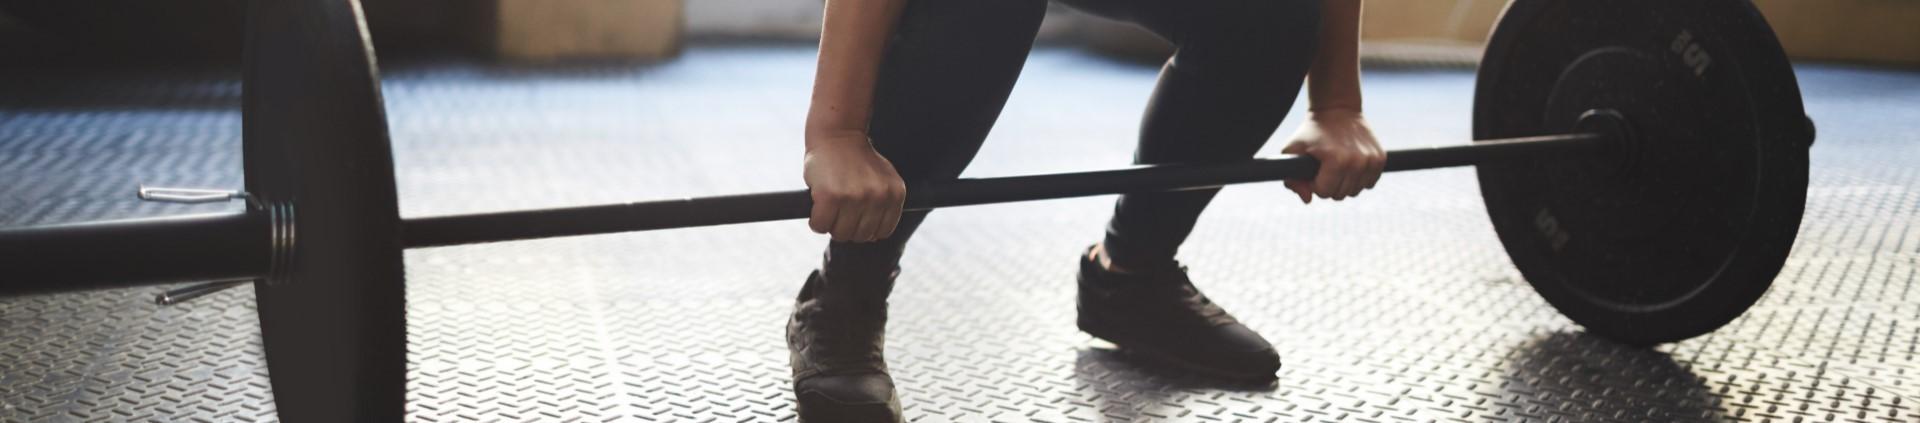 Talerze do sztangi olimpijskiej - Powerman Sport